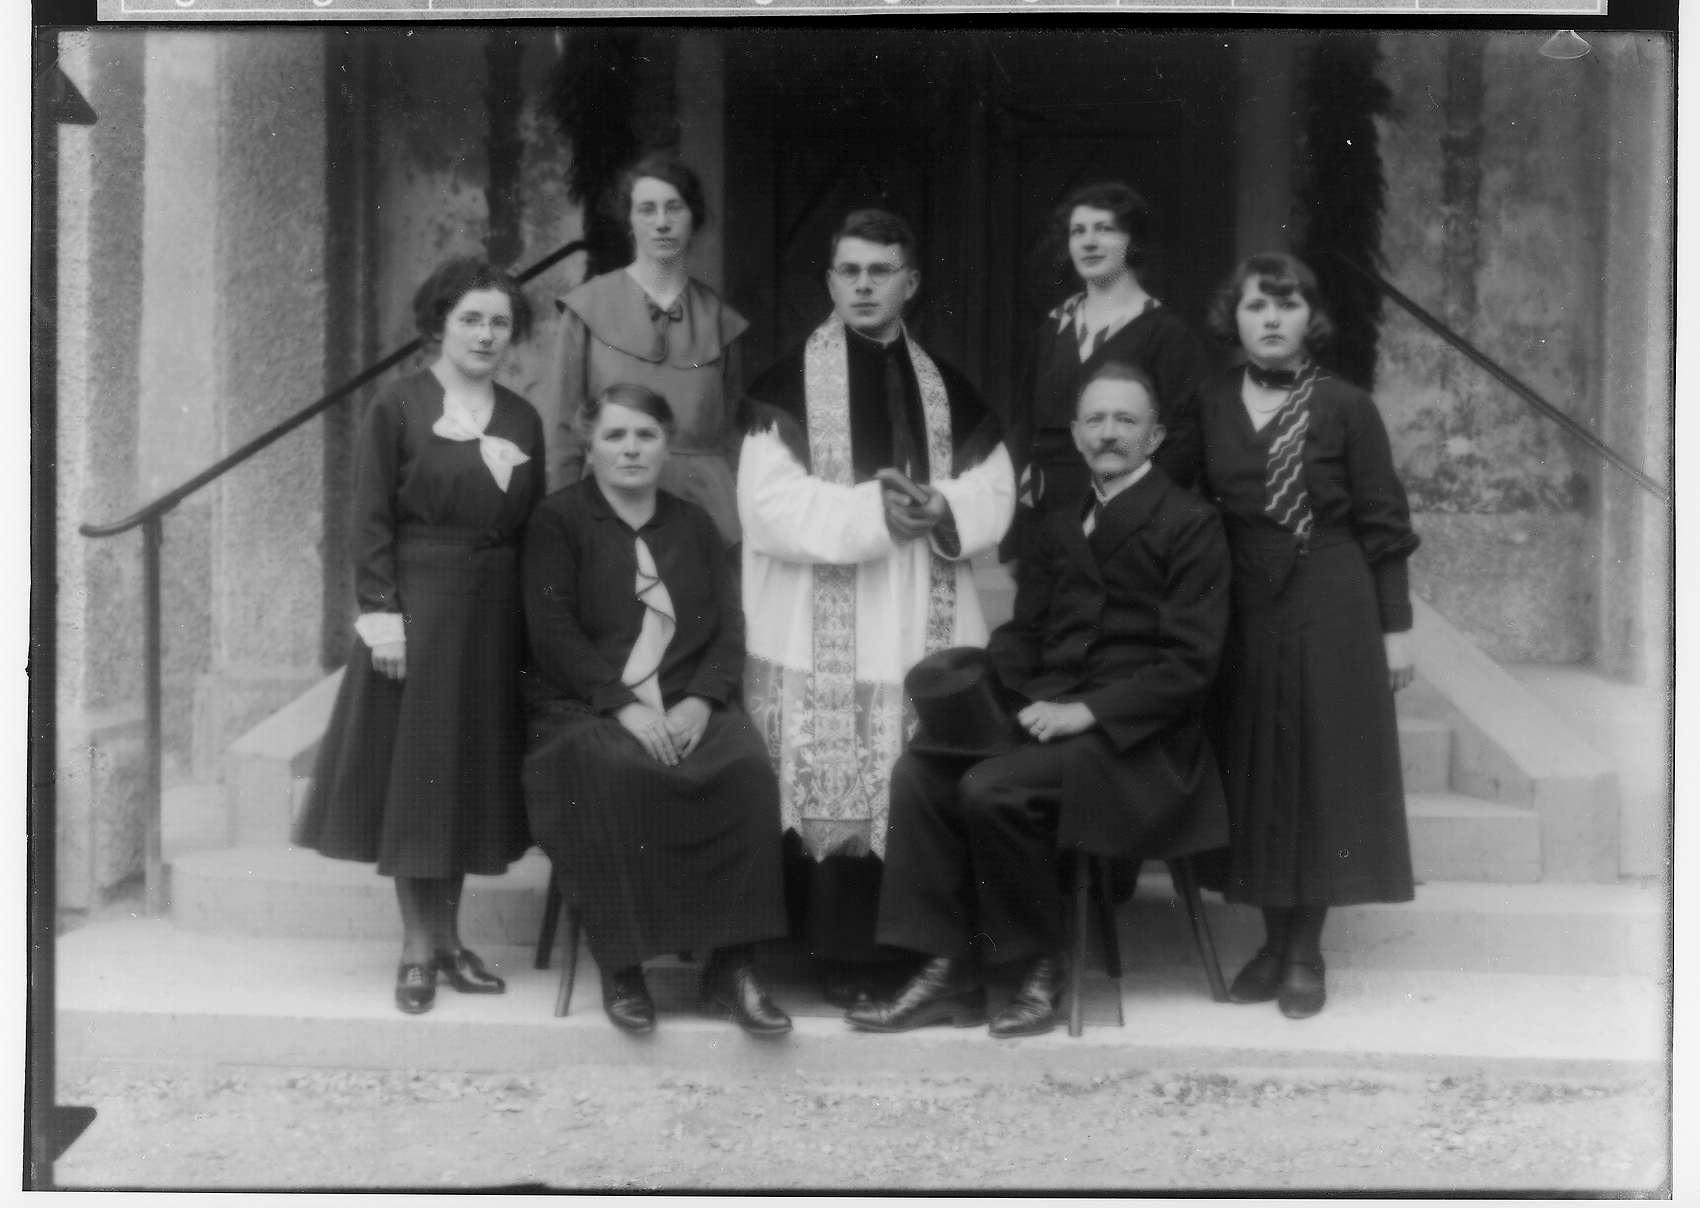 Primizfeier Burth, Krauchenwies; Geistlicher mit Familie vor dem Kircheneingang, Bild 1